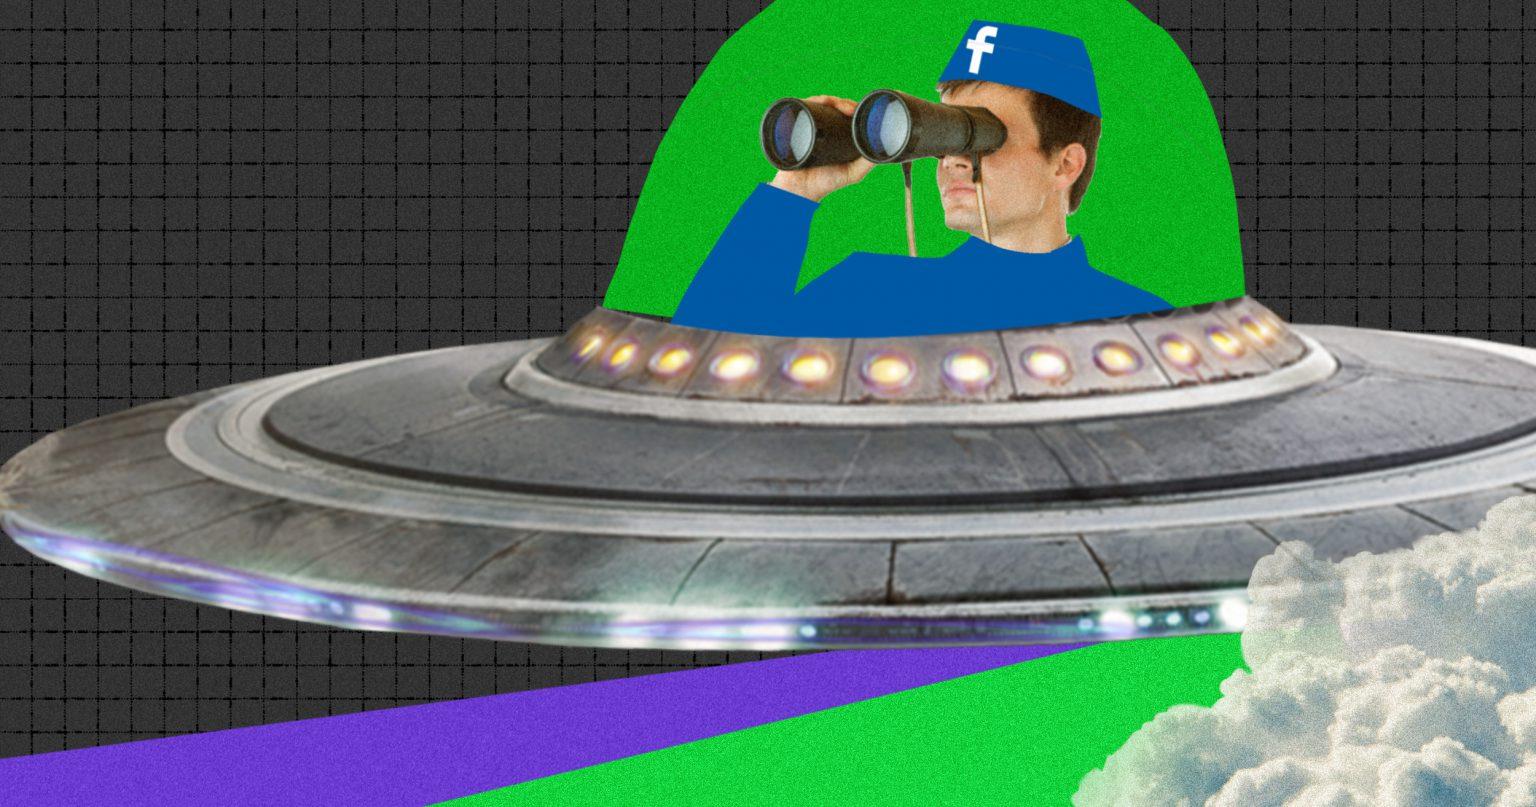 Как интроверту найти друзей используем алгоритмы Facebook